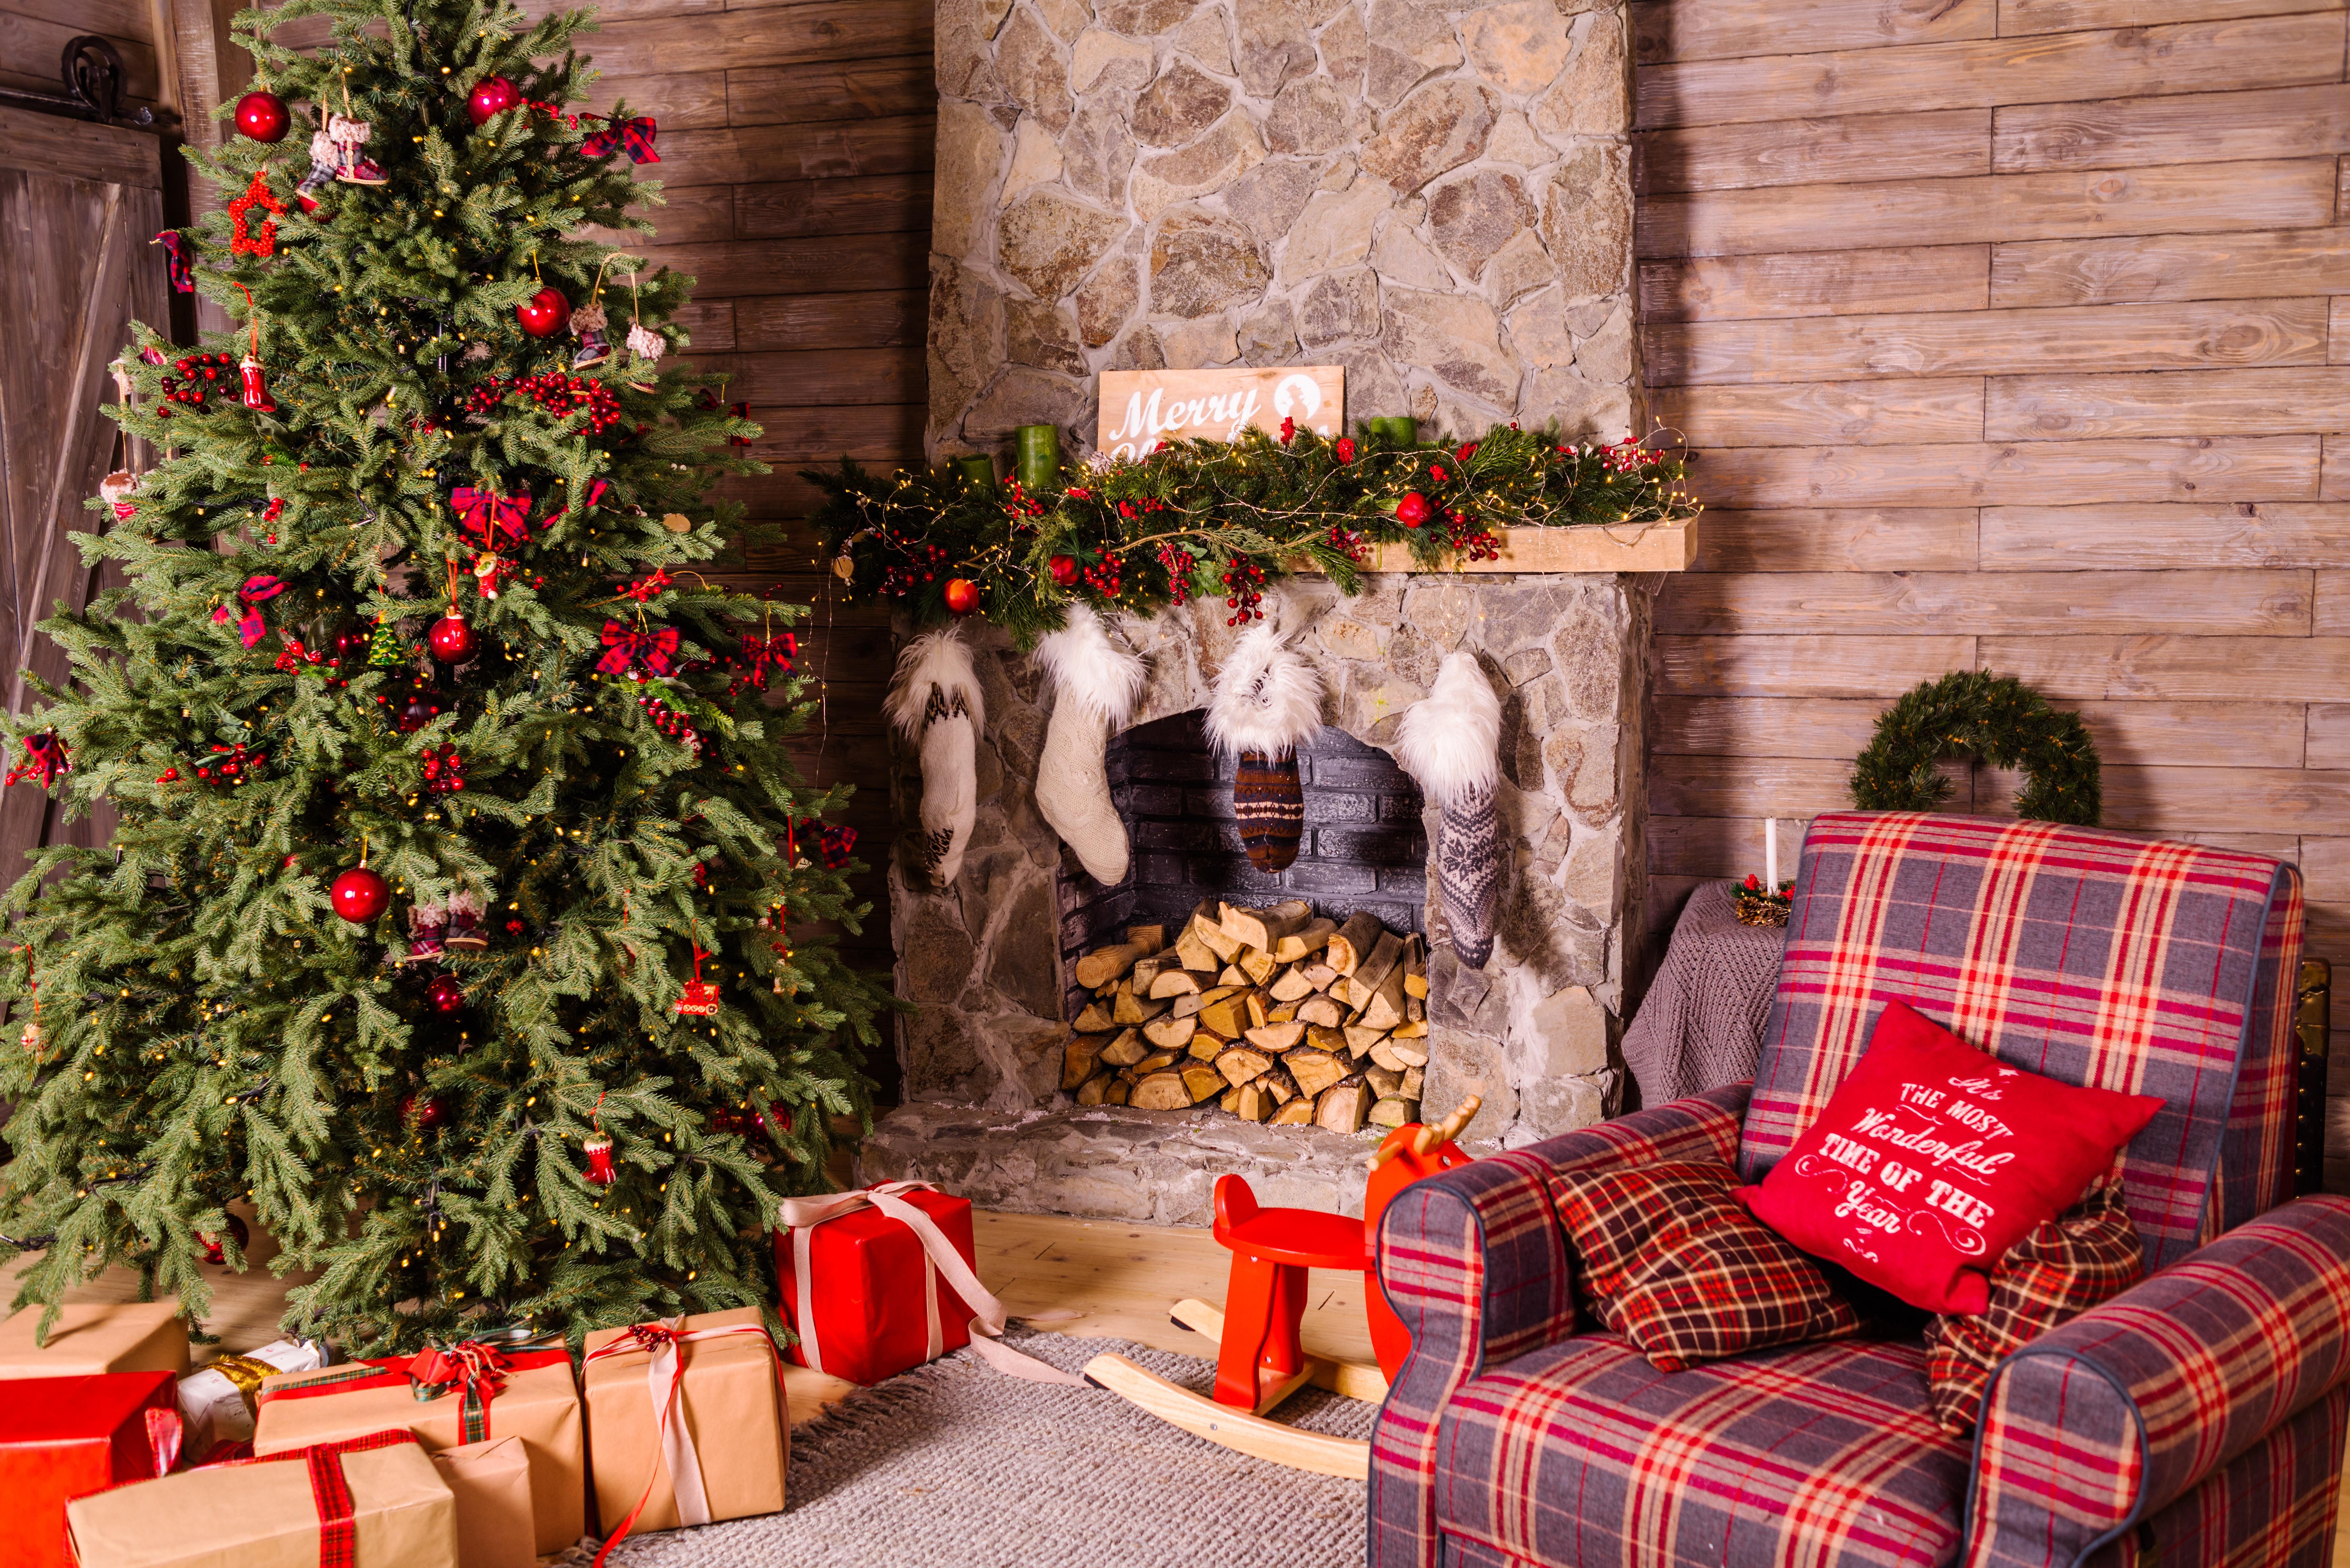 Pokój przystrojony świątecznie